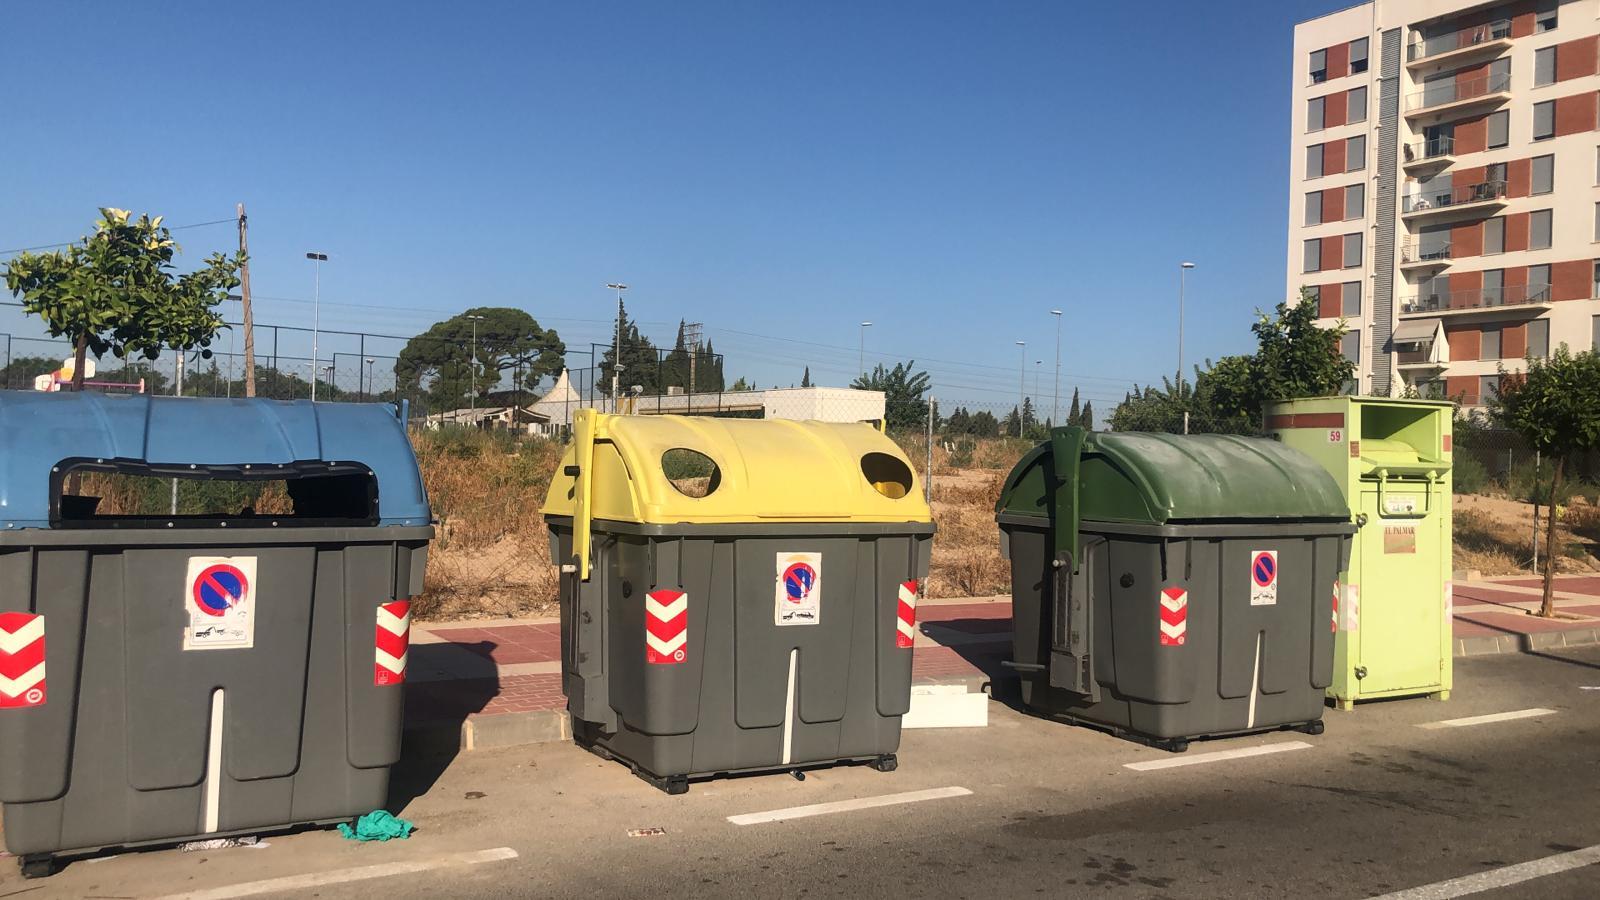 2020-08-26 Panal de avispas en calle Alonso de Tenza de Joven Futura